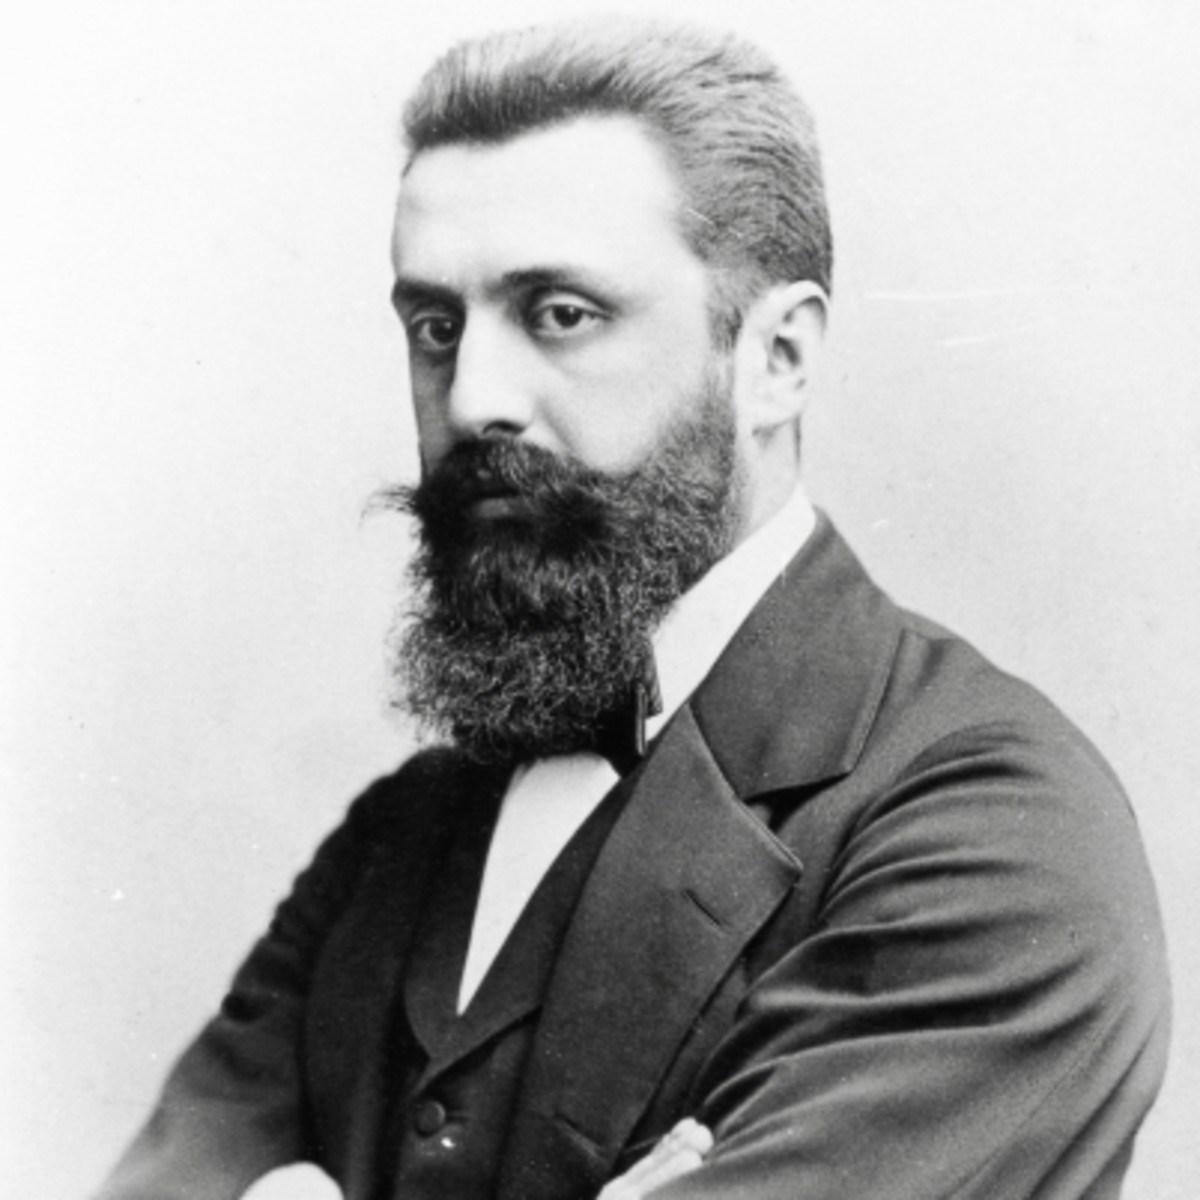 نشاط الحركة الصهيونية بين عامي 1897 و 1904